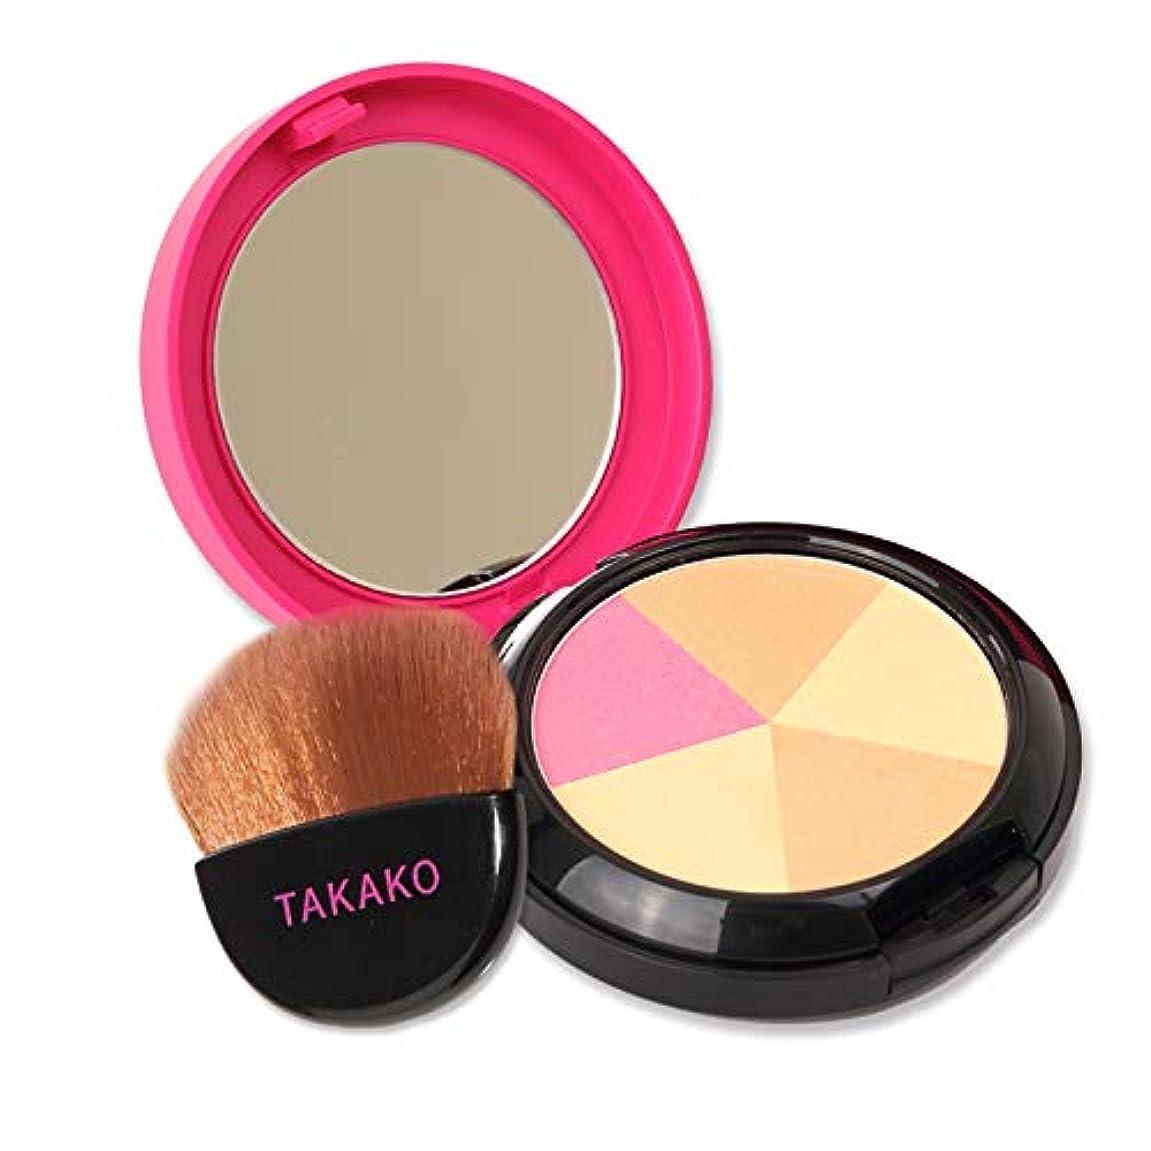 後退する家事をする集中TAKAKO スターリングパウダー フェイスパウダー 厳選3色でツヤ肌 フェースパウダー プレストパウダー 12g TAKAKO Power of Beauty STARRING POWDER【タカコ コスメ】